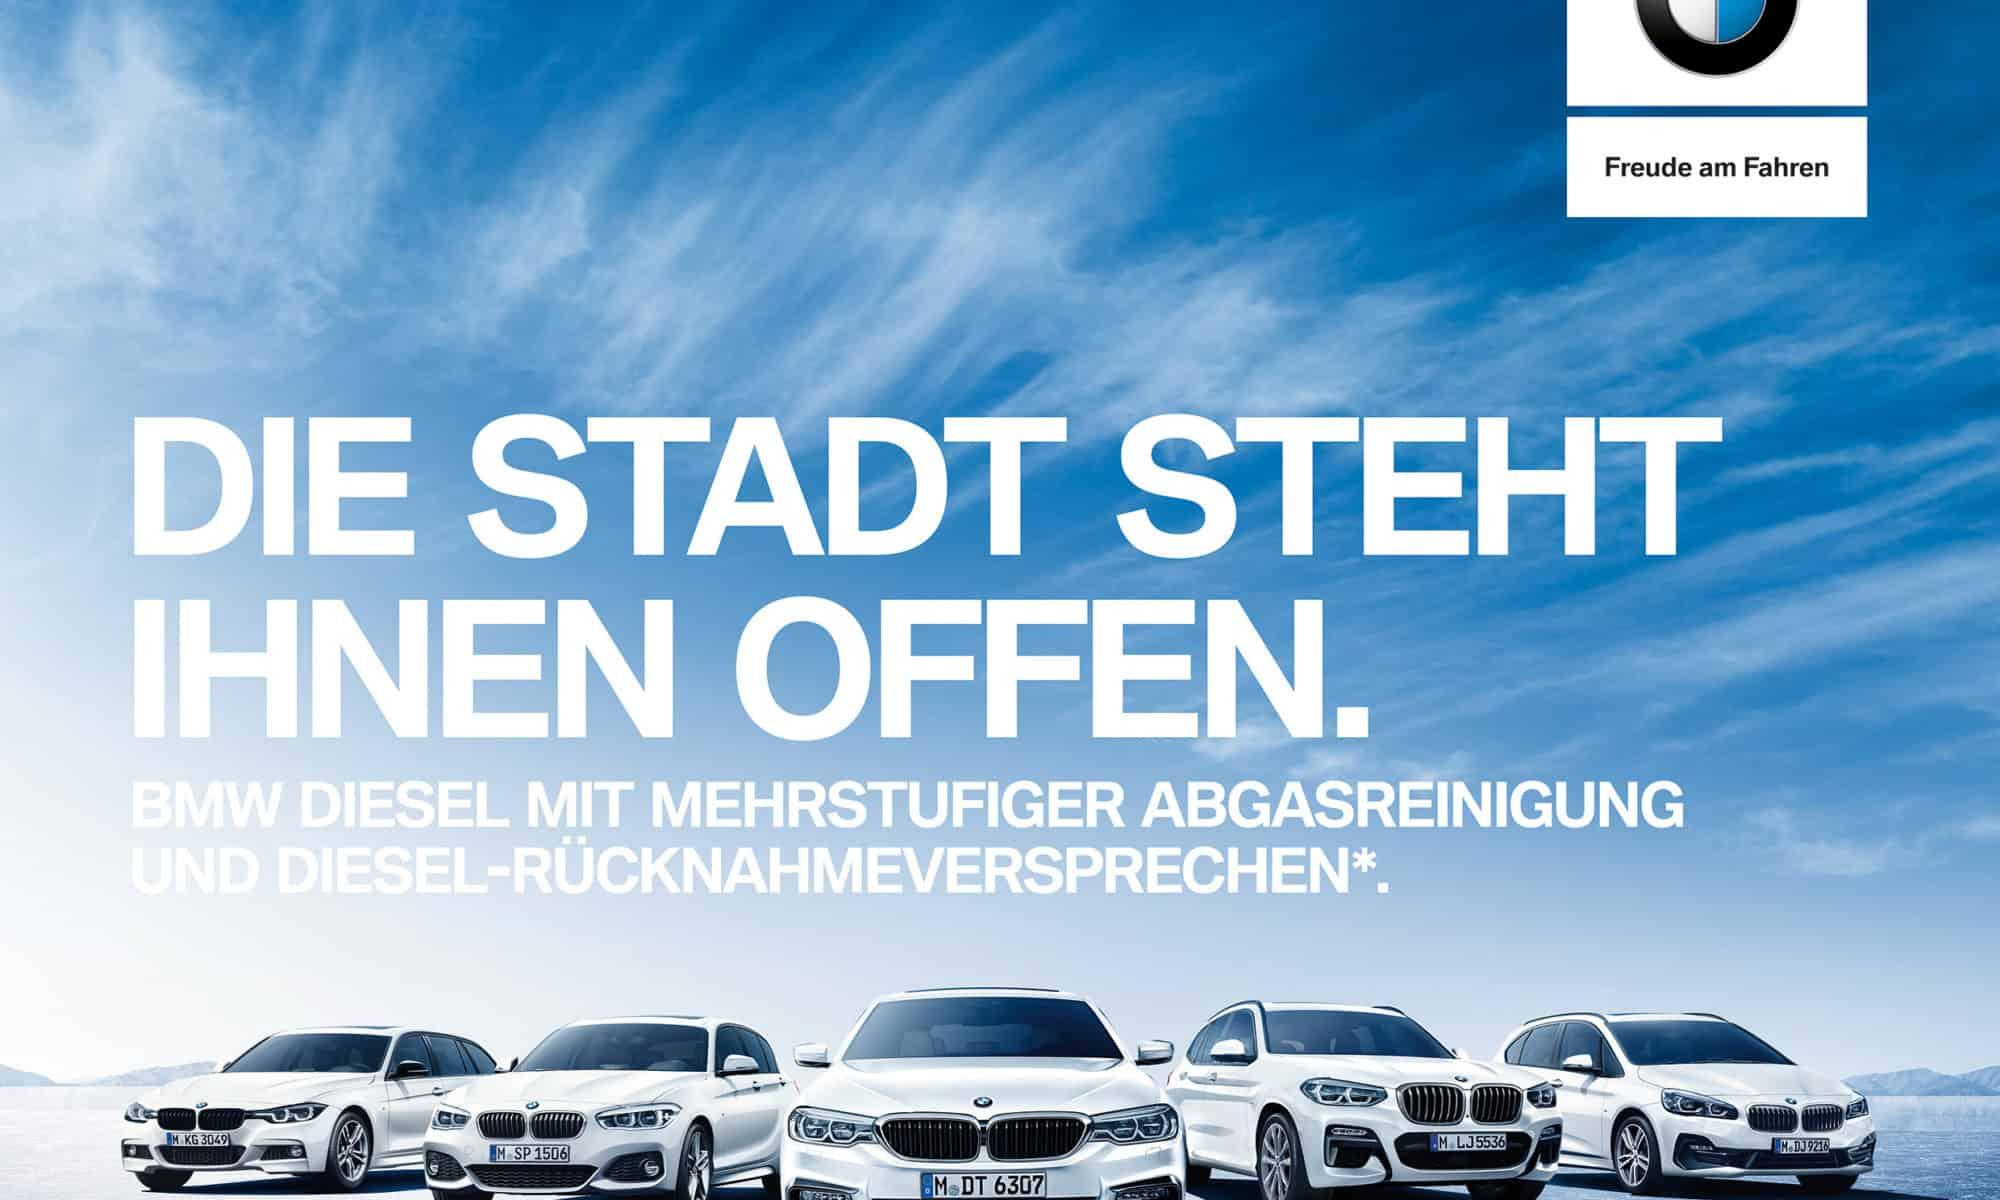 [BMW] Rücknahmeversprechen von Dieselfahrzeugen